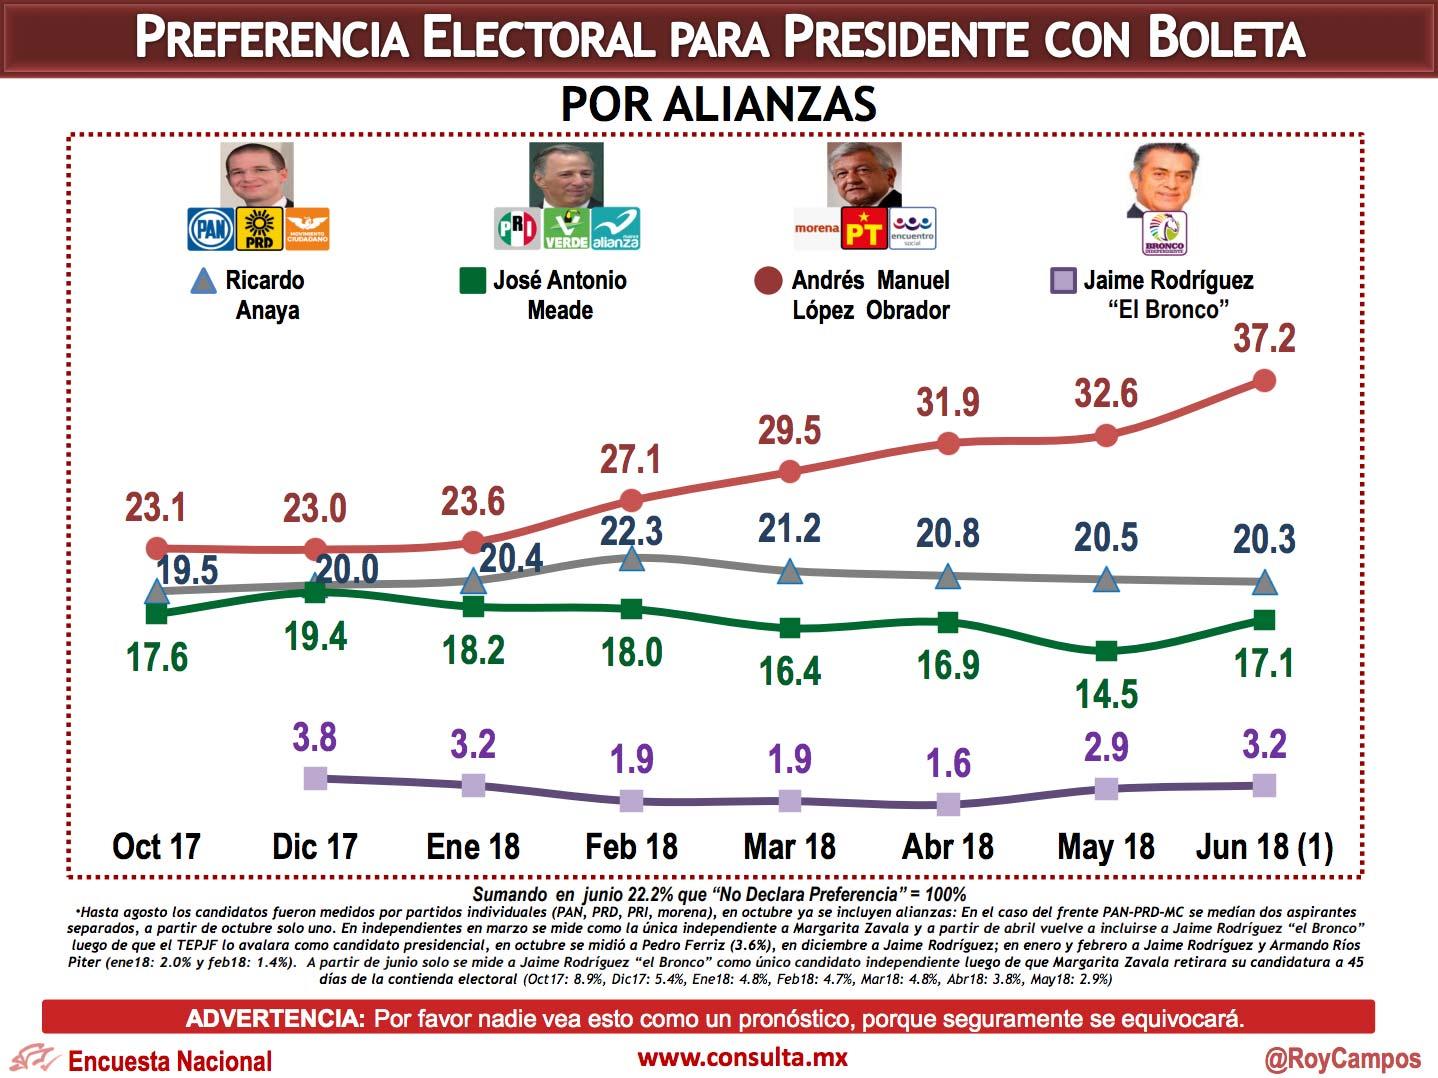 Encuesta de preferencias electorales de Consulta Mitofsky. Publicación: 11 de junio de 2018